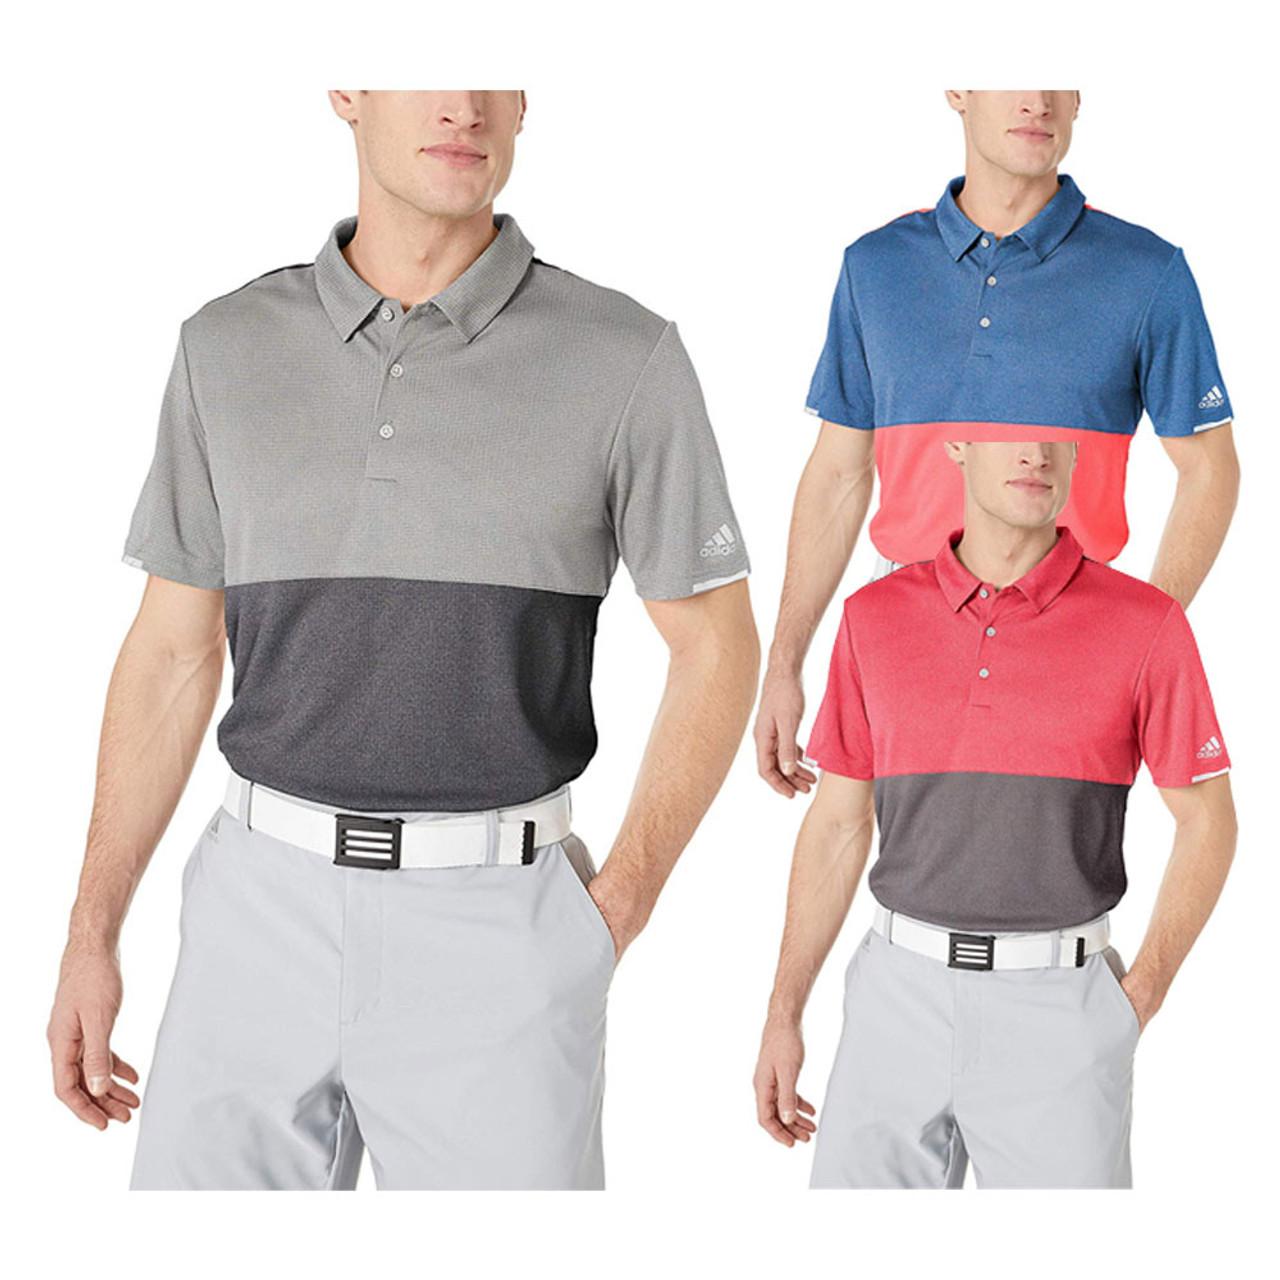 adidas golf polo 2019